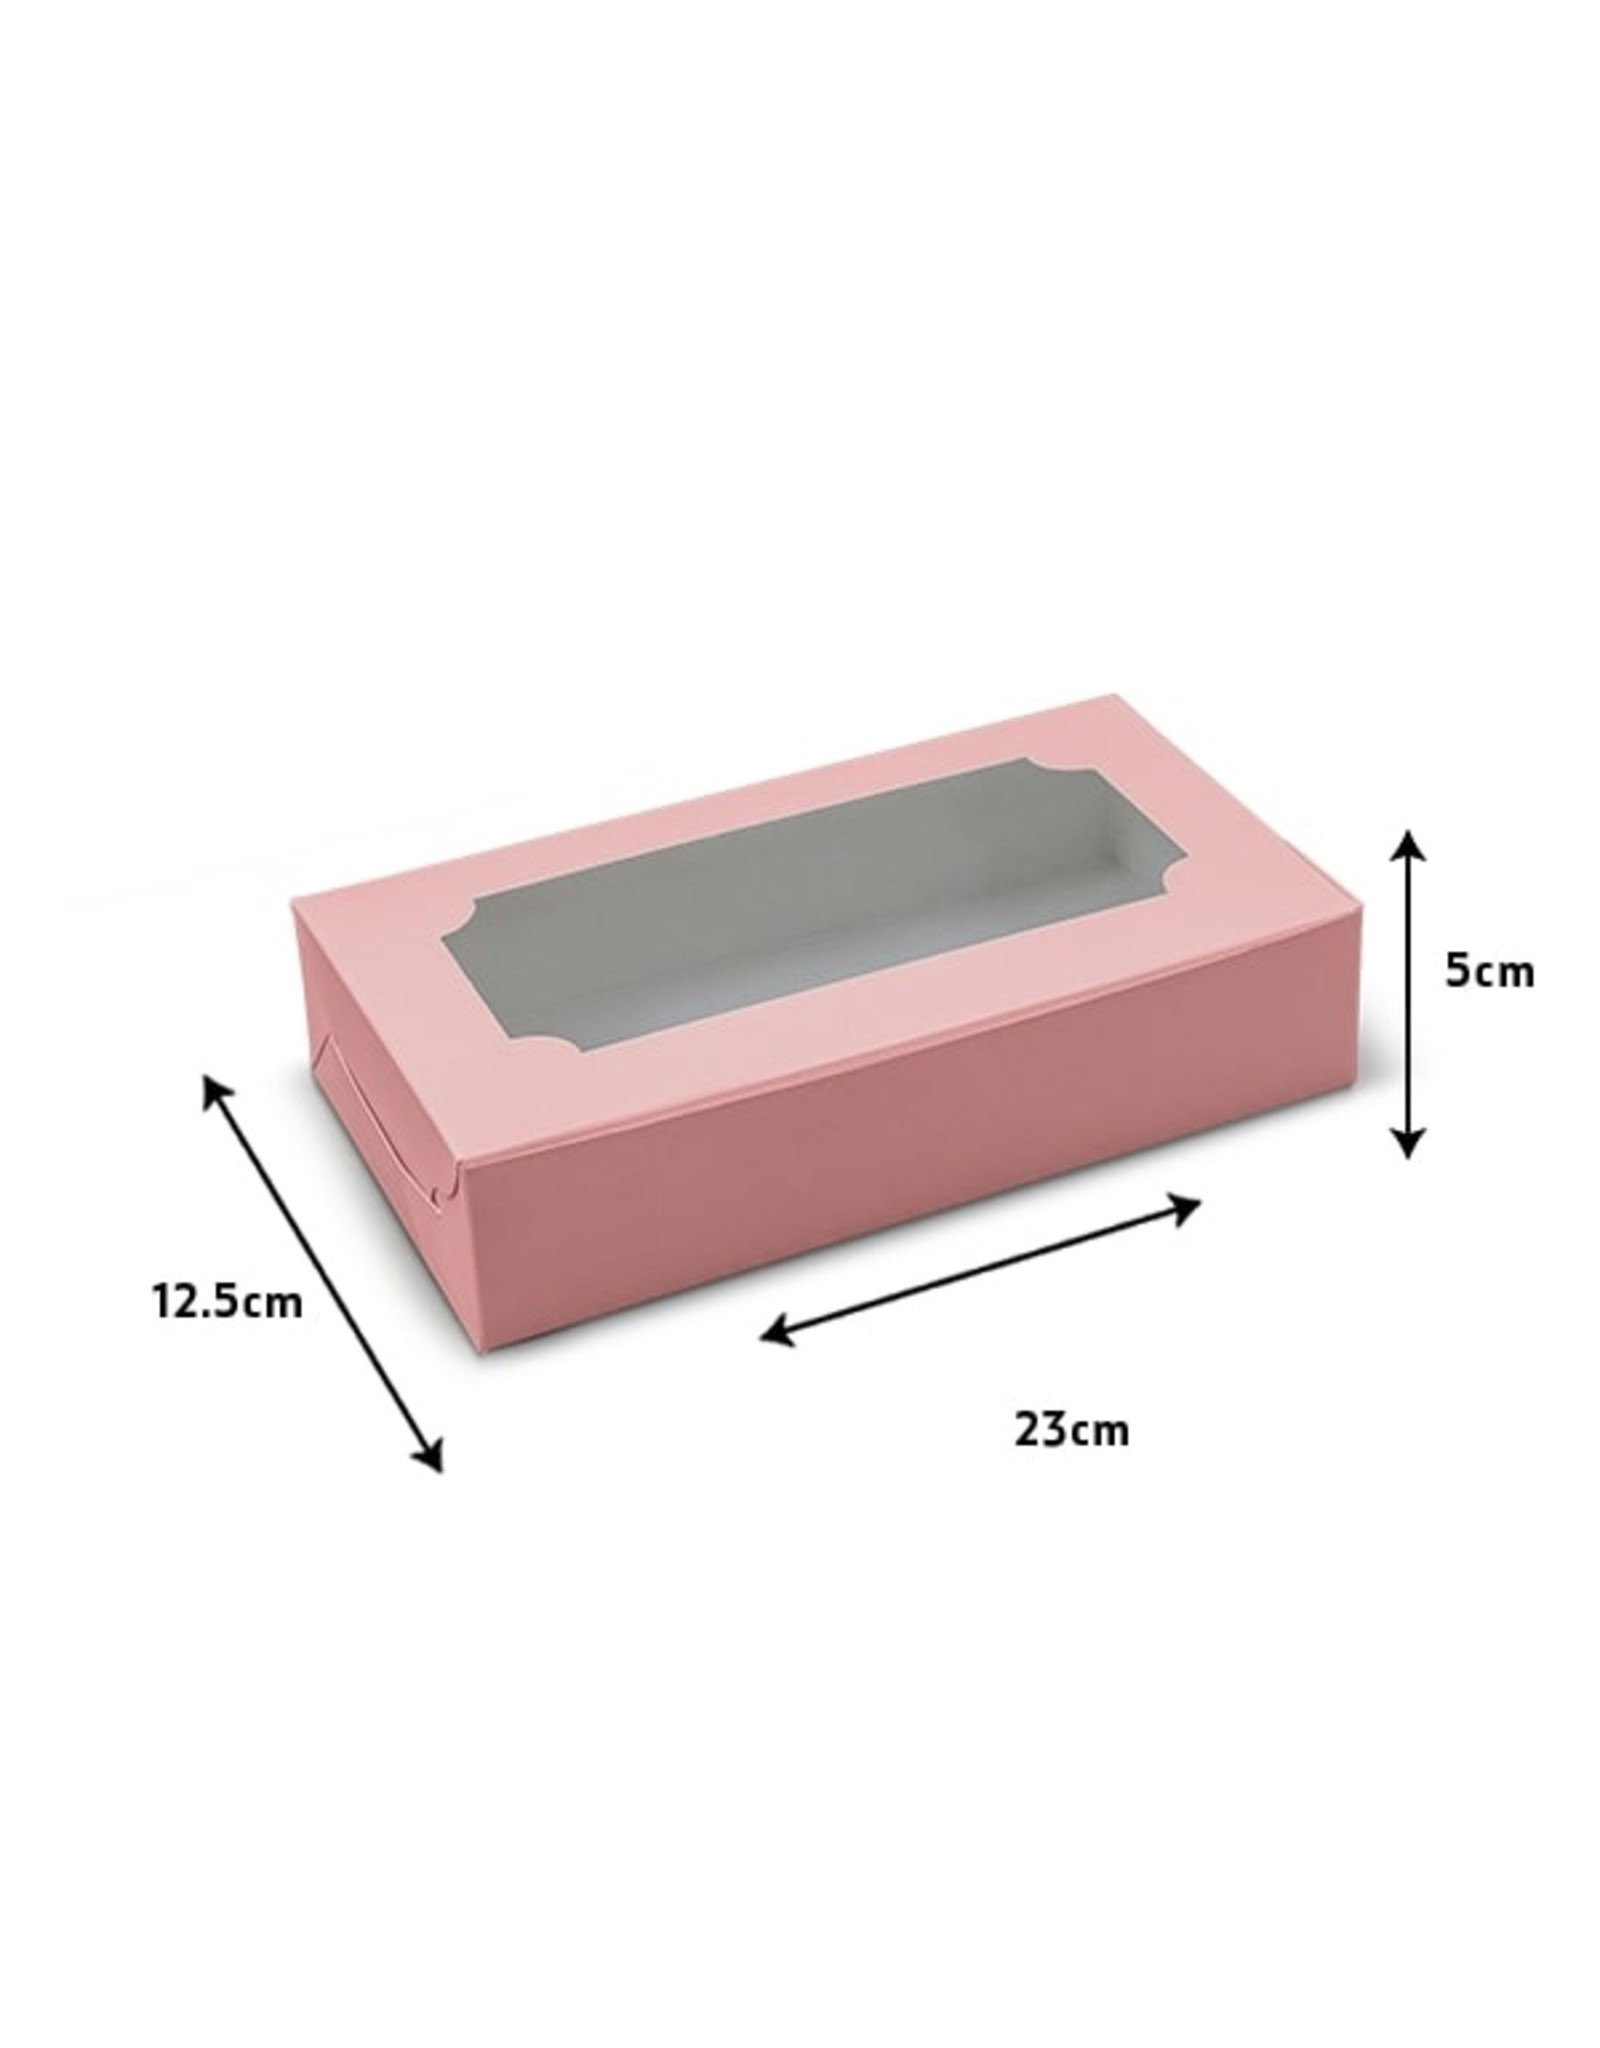 Roze sweetsbox - 23 x 12,5 x 5 cm (per 10 stuks)